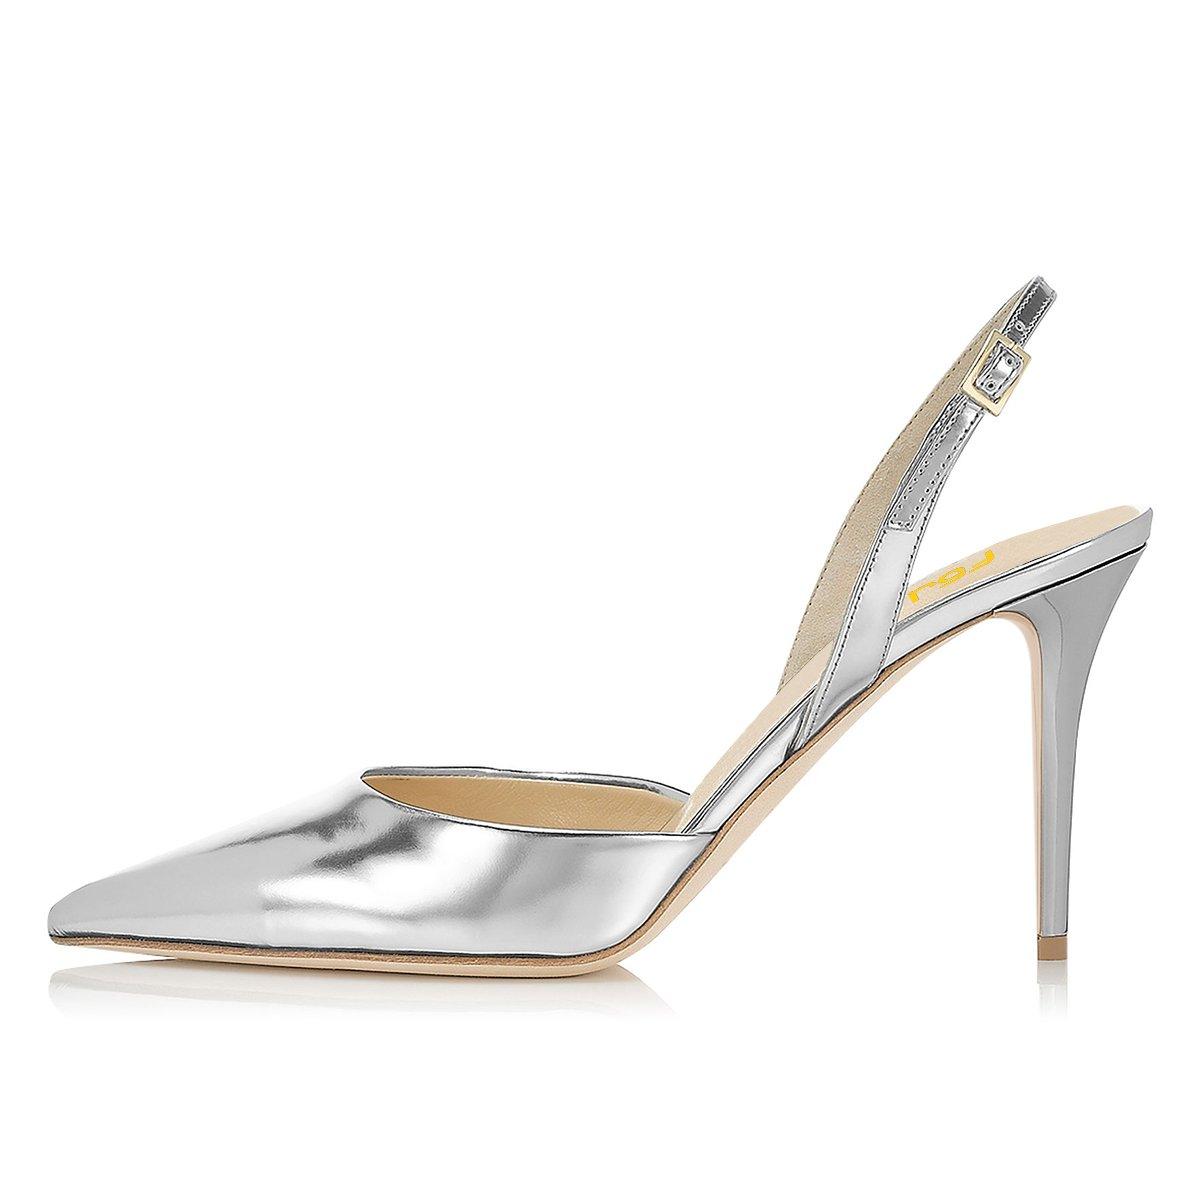 FSJ Women Pointed Toe Pumps Slingback Stilettos Heels Sandals Ankle Strap Shoes Size 7 Silver by FSJ (Image #2)